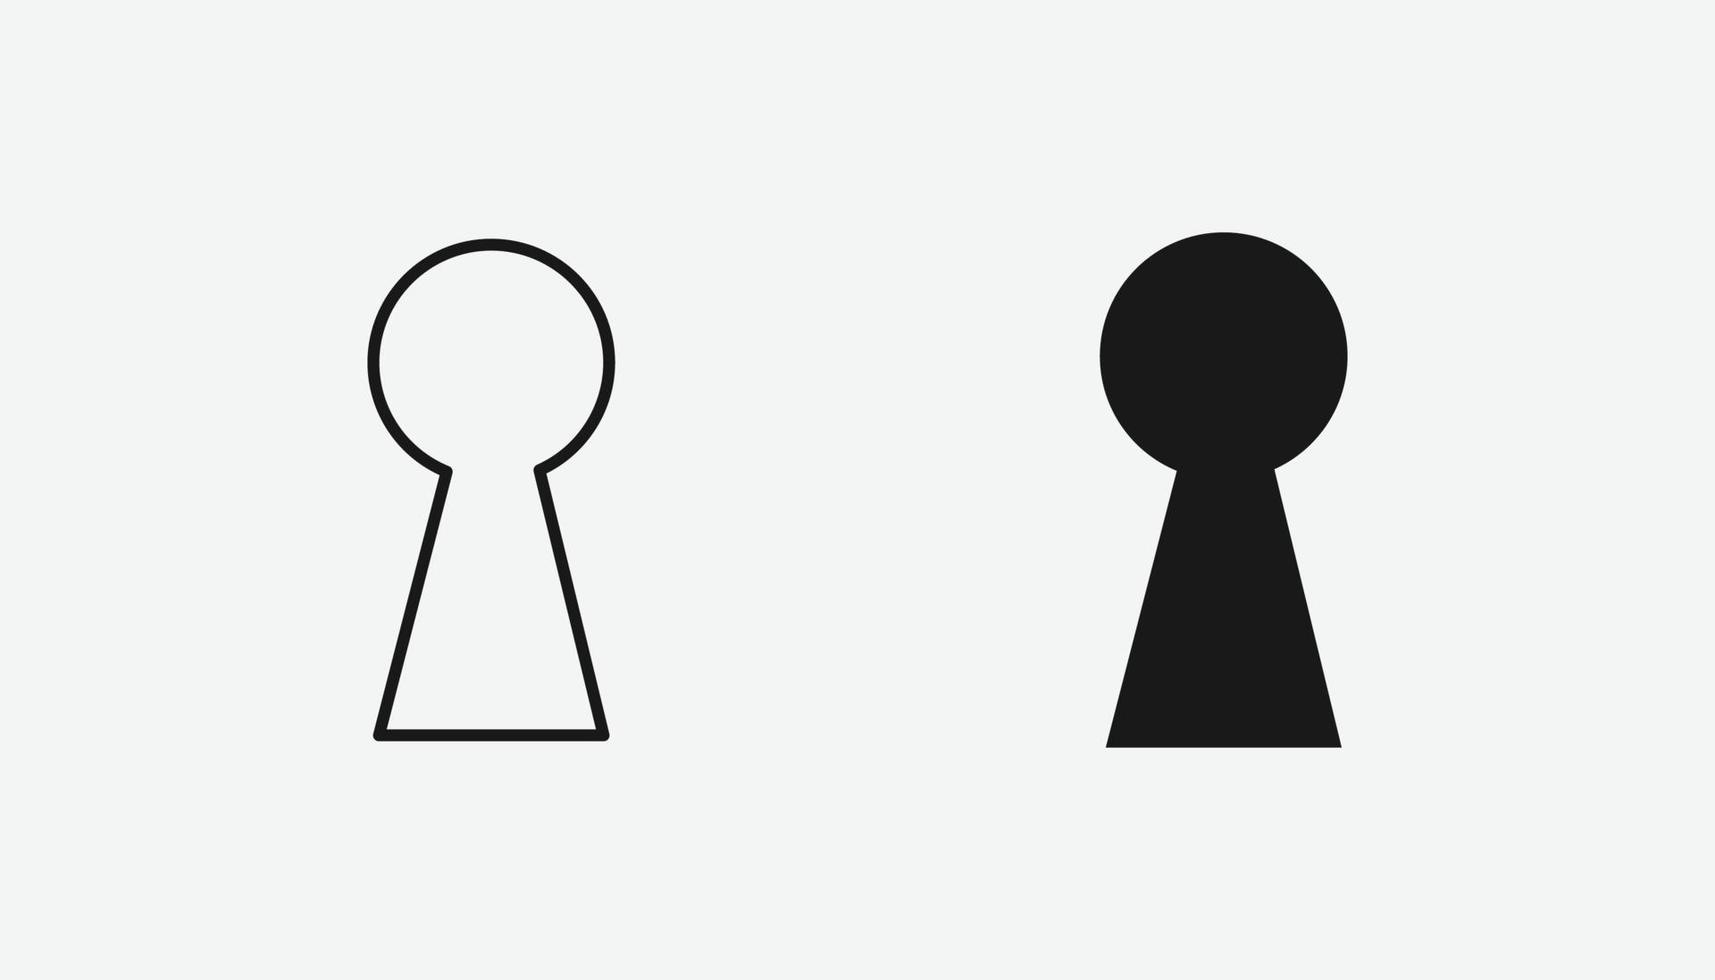 nyckelhålsvektorsymbol för webbplats och mobilapp vektor